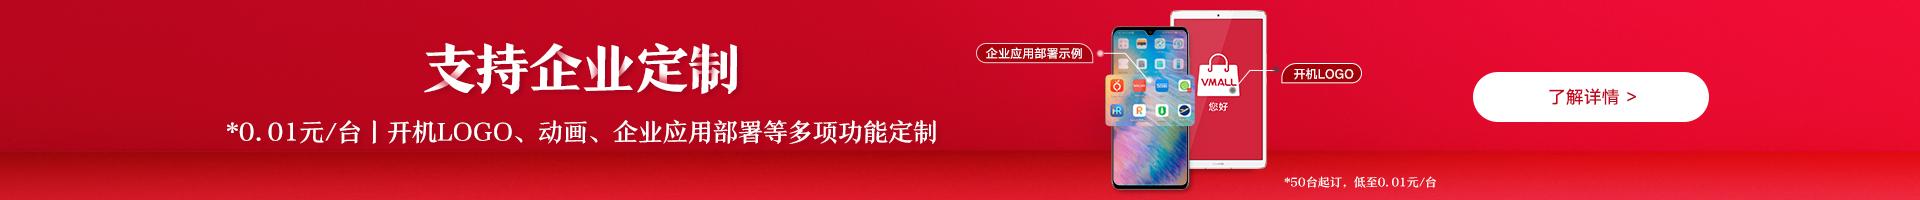 1920x200企业定制服务.jpg